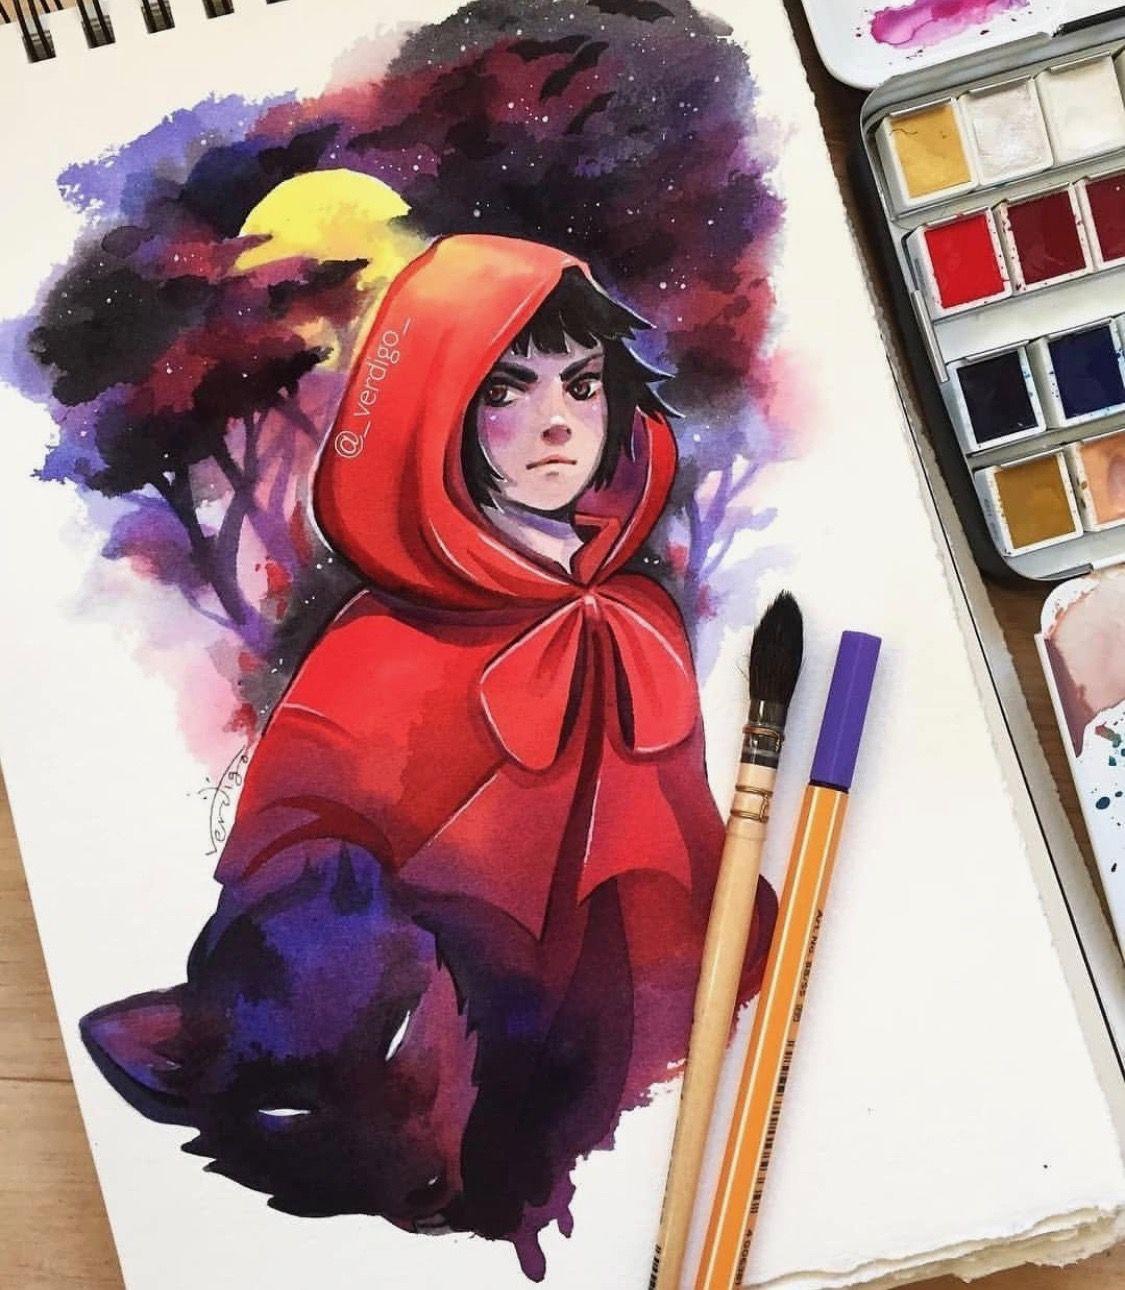 Pin By Christina Valdez On Artspiration